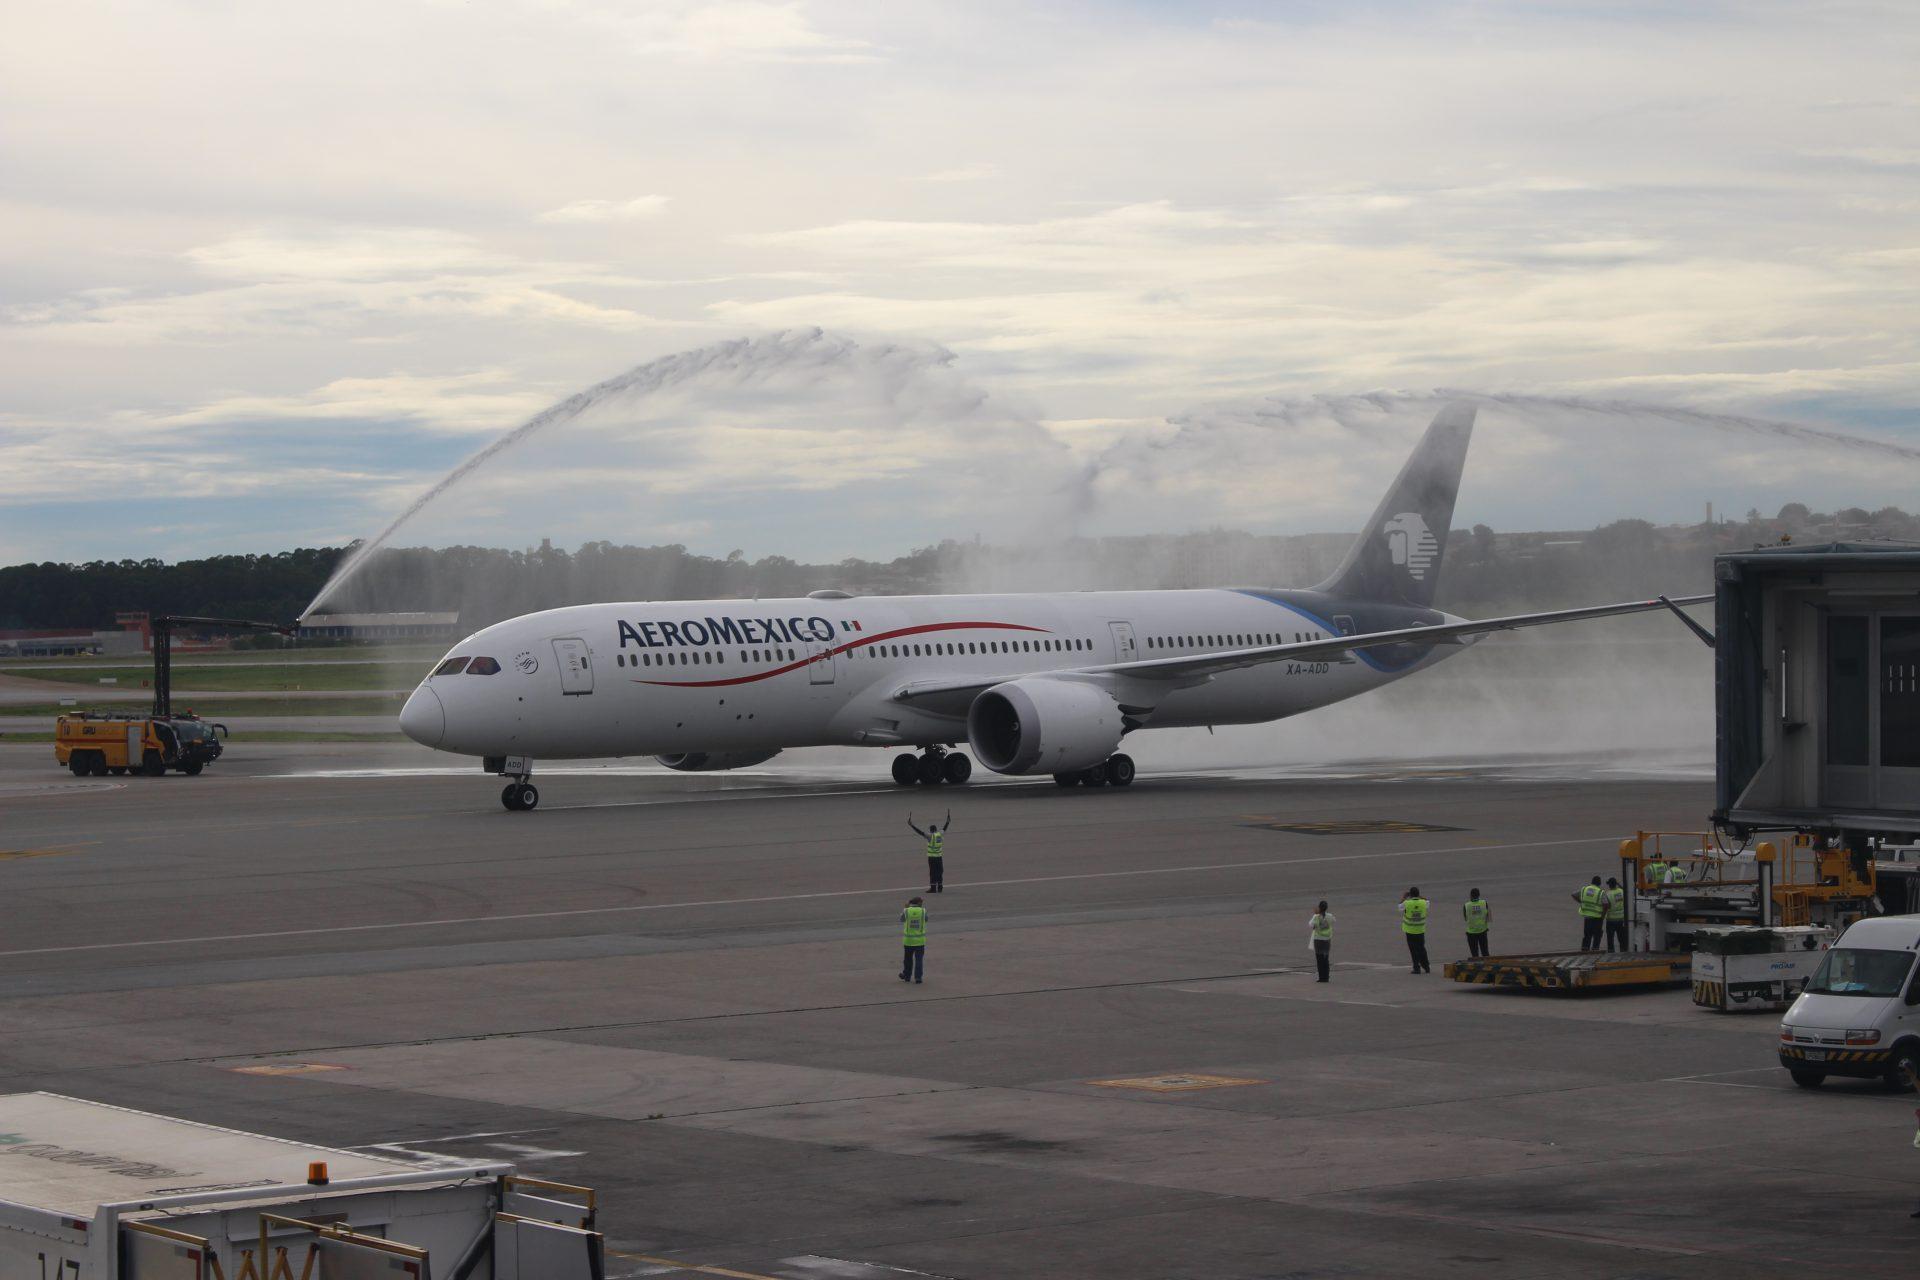 Batismo do Boeing 787-9 Dreamliner da Aeromexico, durante sua primeira aterrissagem em São Paulo (Foto: Divulgação)